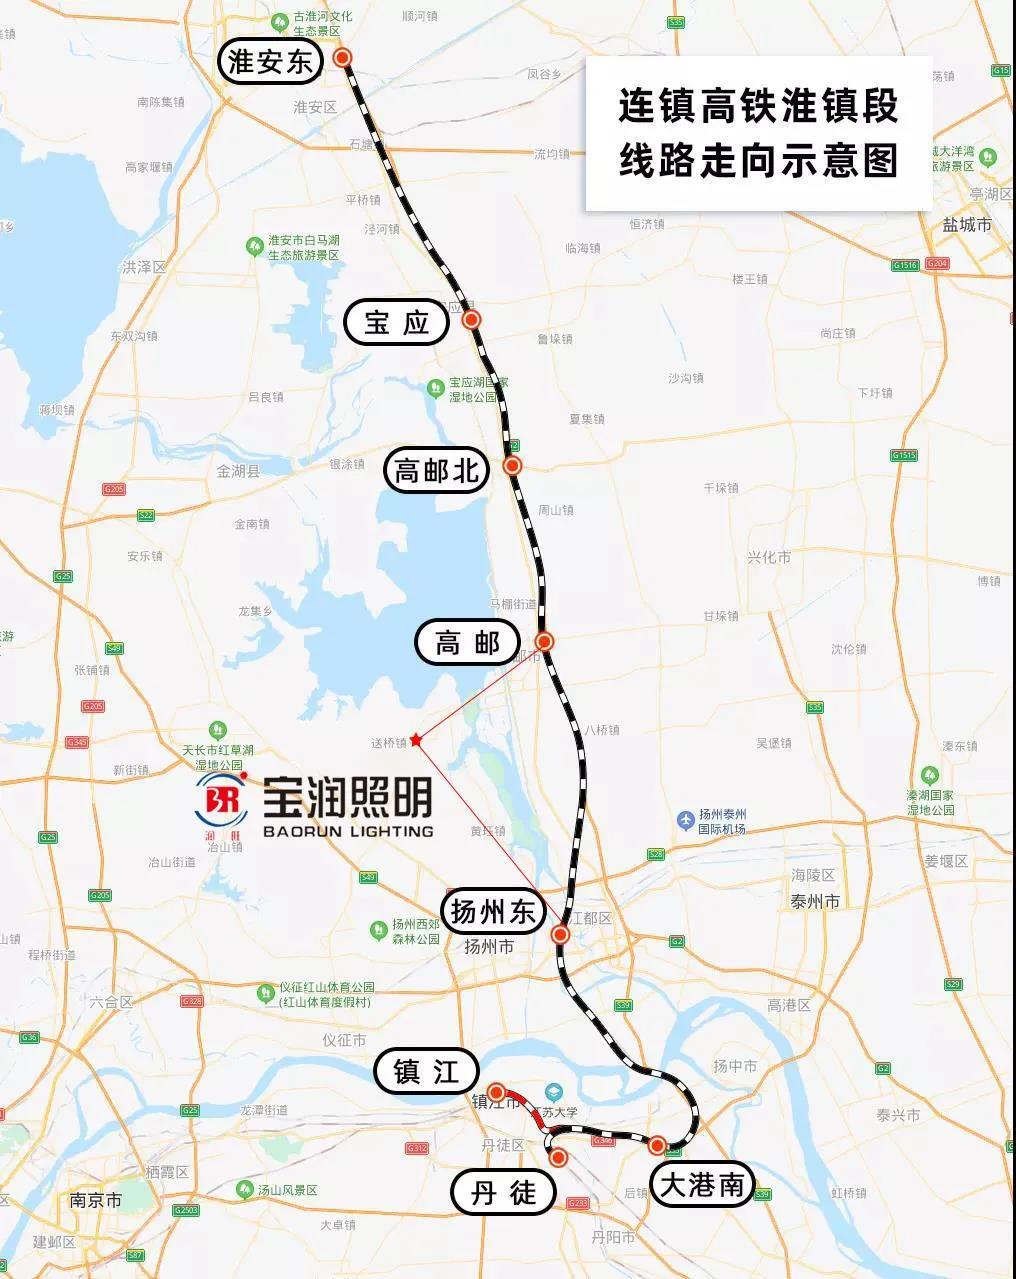 扬州高铁正式通车,宝润千亿体育|千亿体育官网登录等您相遇